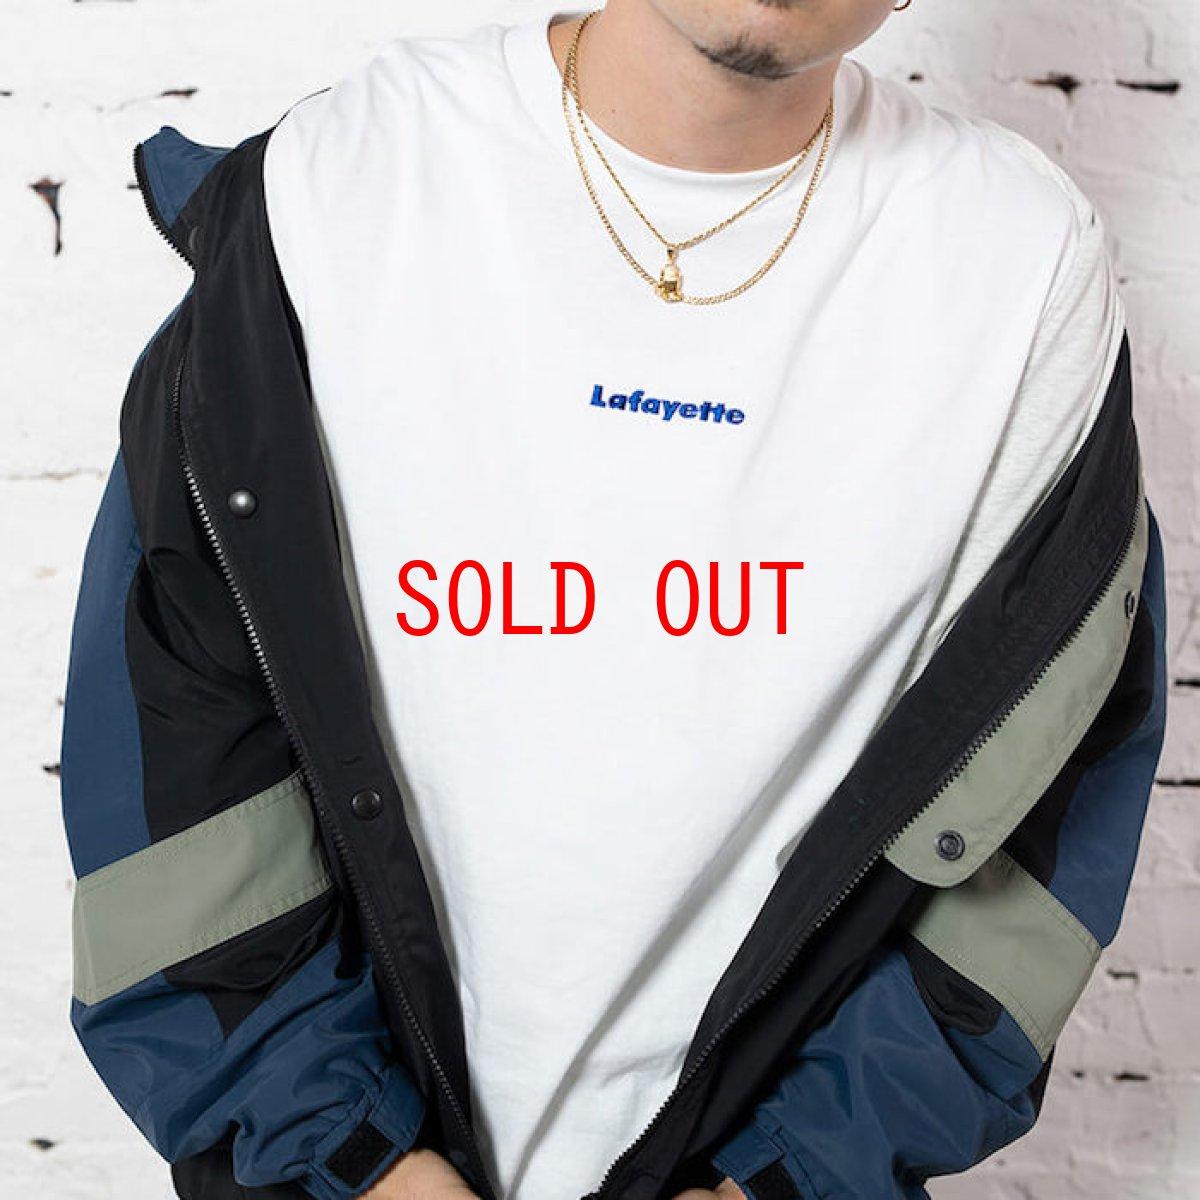 画像1: Small Logo S/S Tee 半袖 スモール ロゴ Tシャツ by Lafayette ラファイエット  (1)